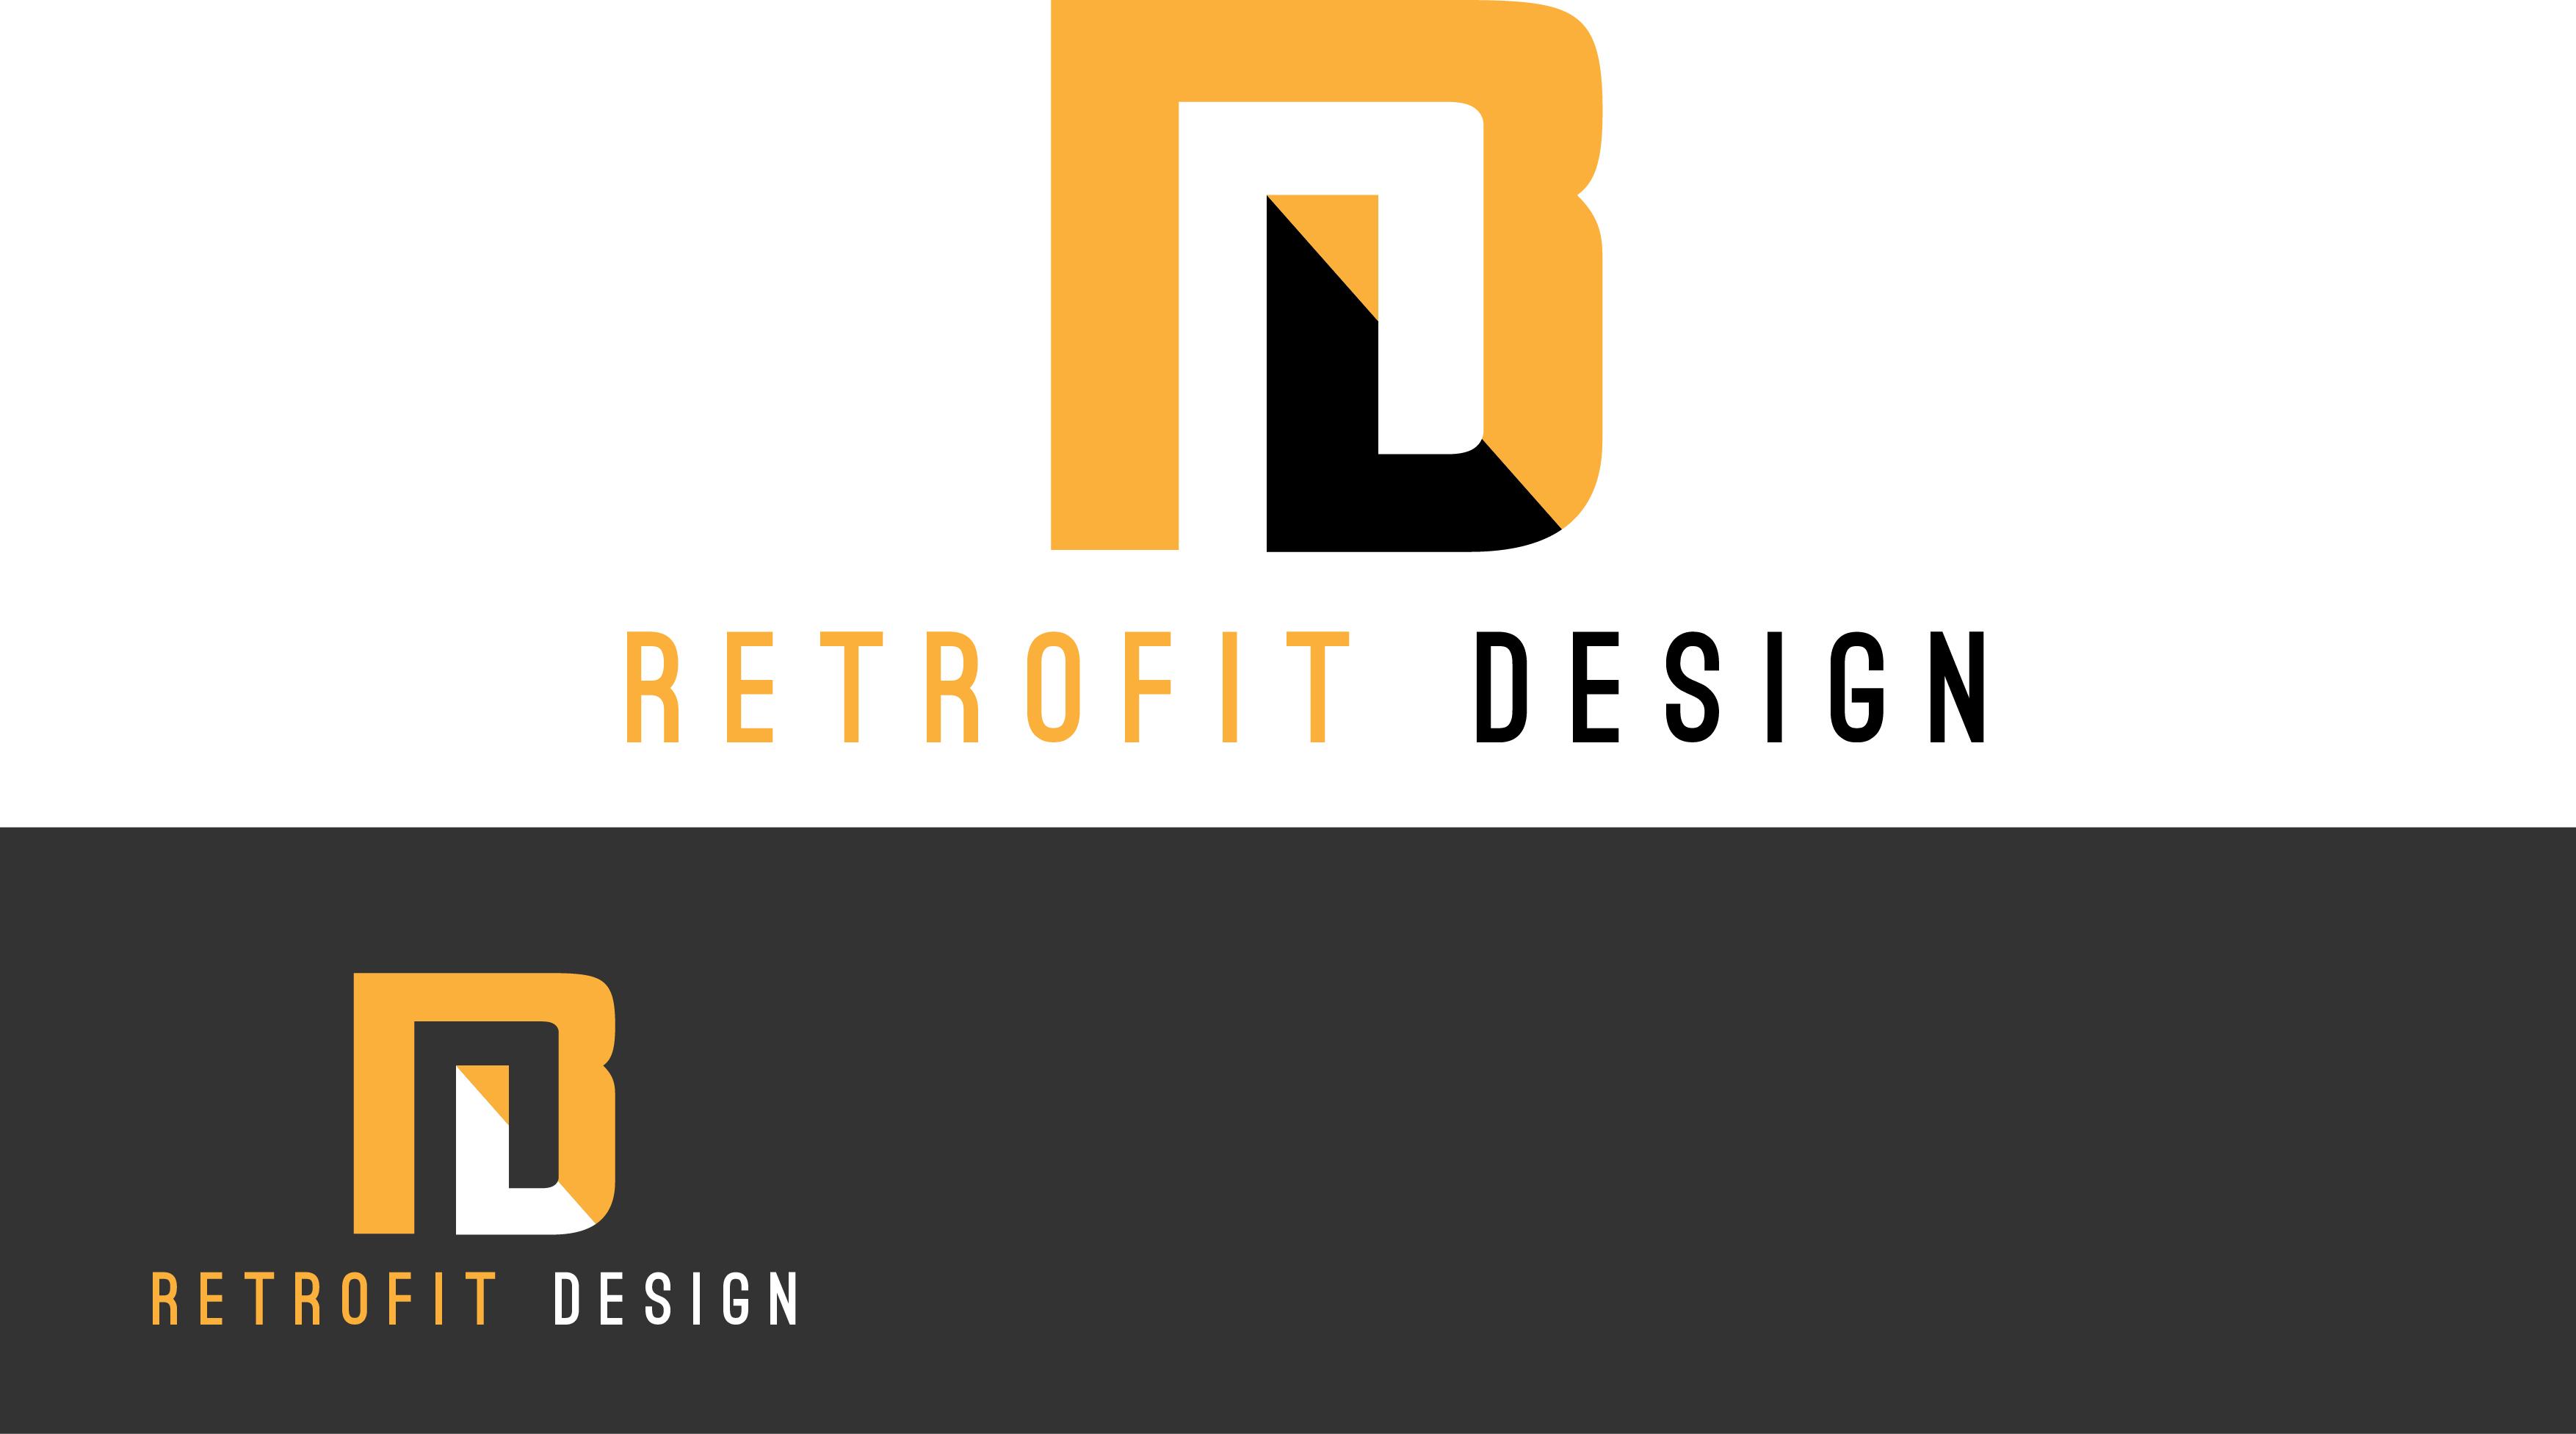 Logo Design by 3draw - Entry No. 182 in the Logo Design Contest Inspiring Logo Design for retrofit design.